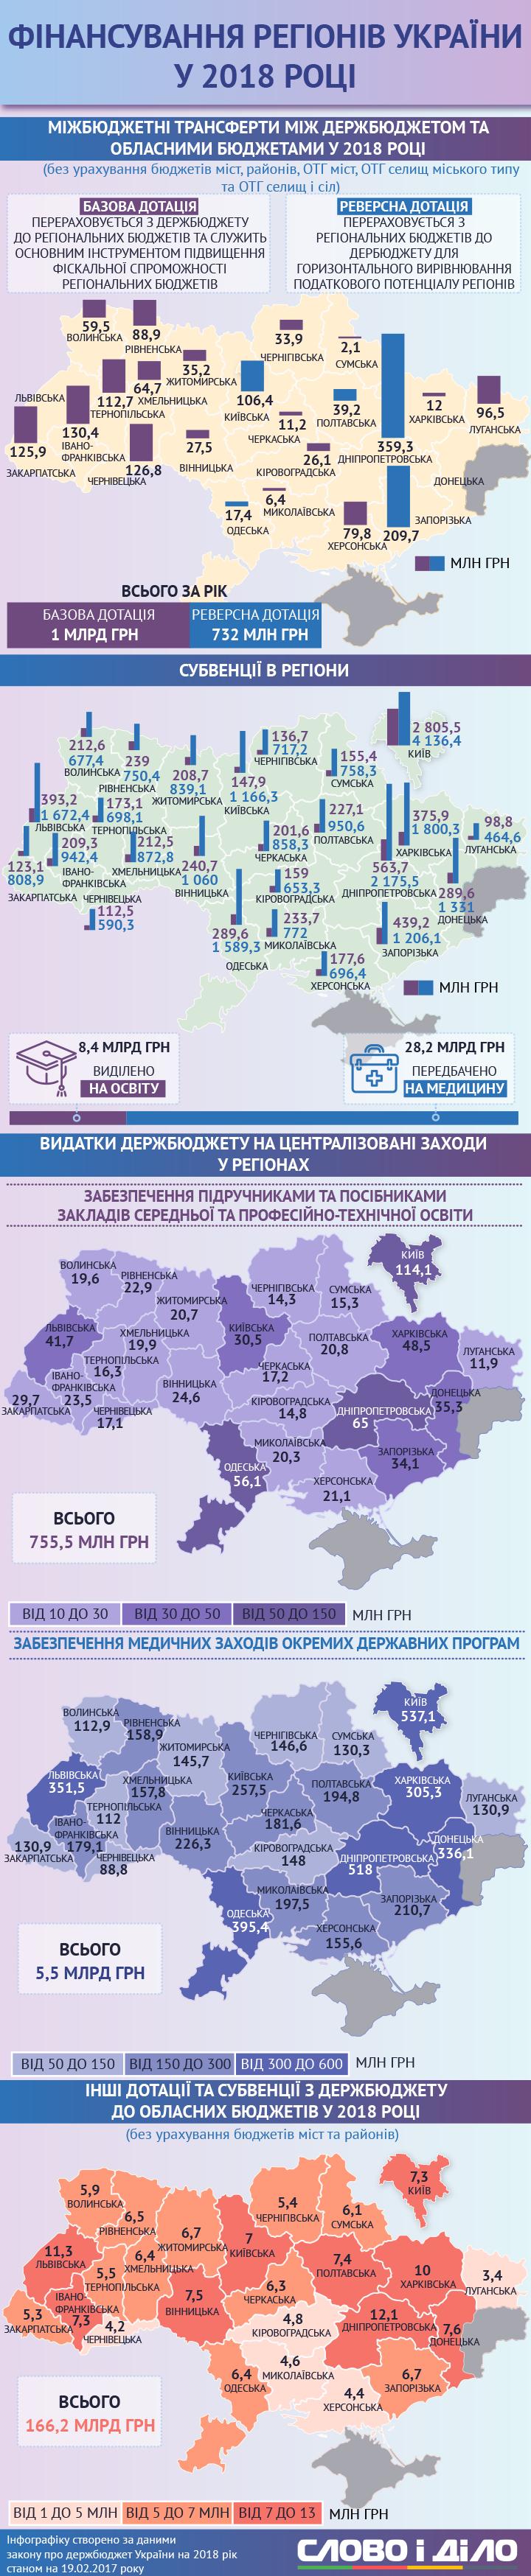 Фінансування Кіровоградщини в 2018 році в порівнянні з іншими областями. ІНФОГРАФІКА 1 - Аналiтика - Без Купюр